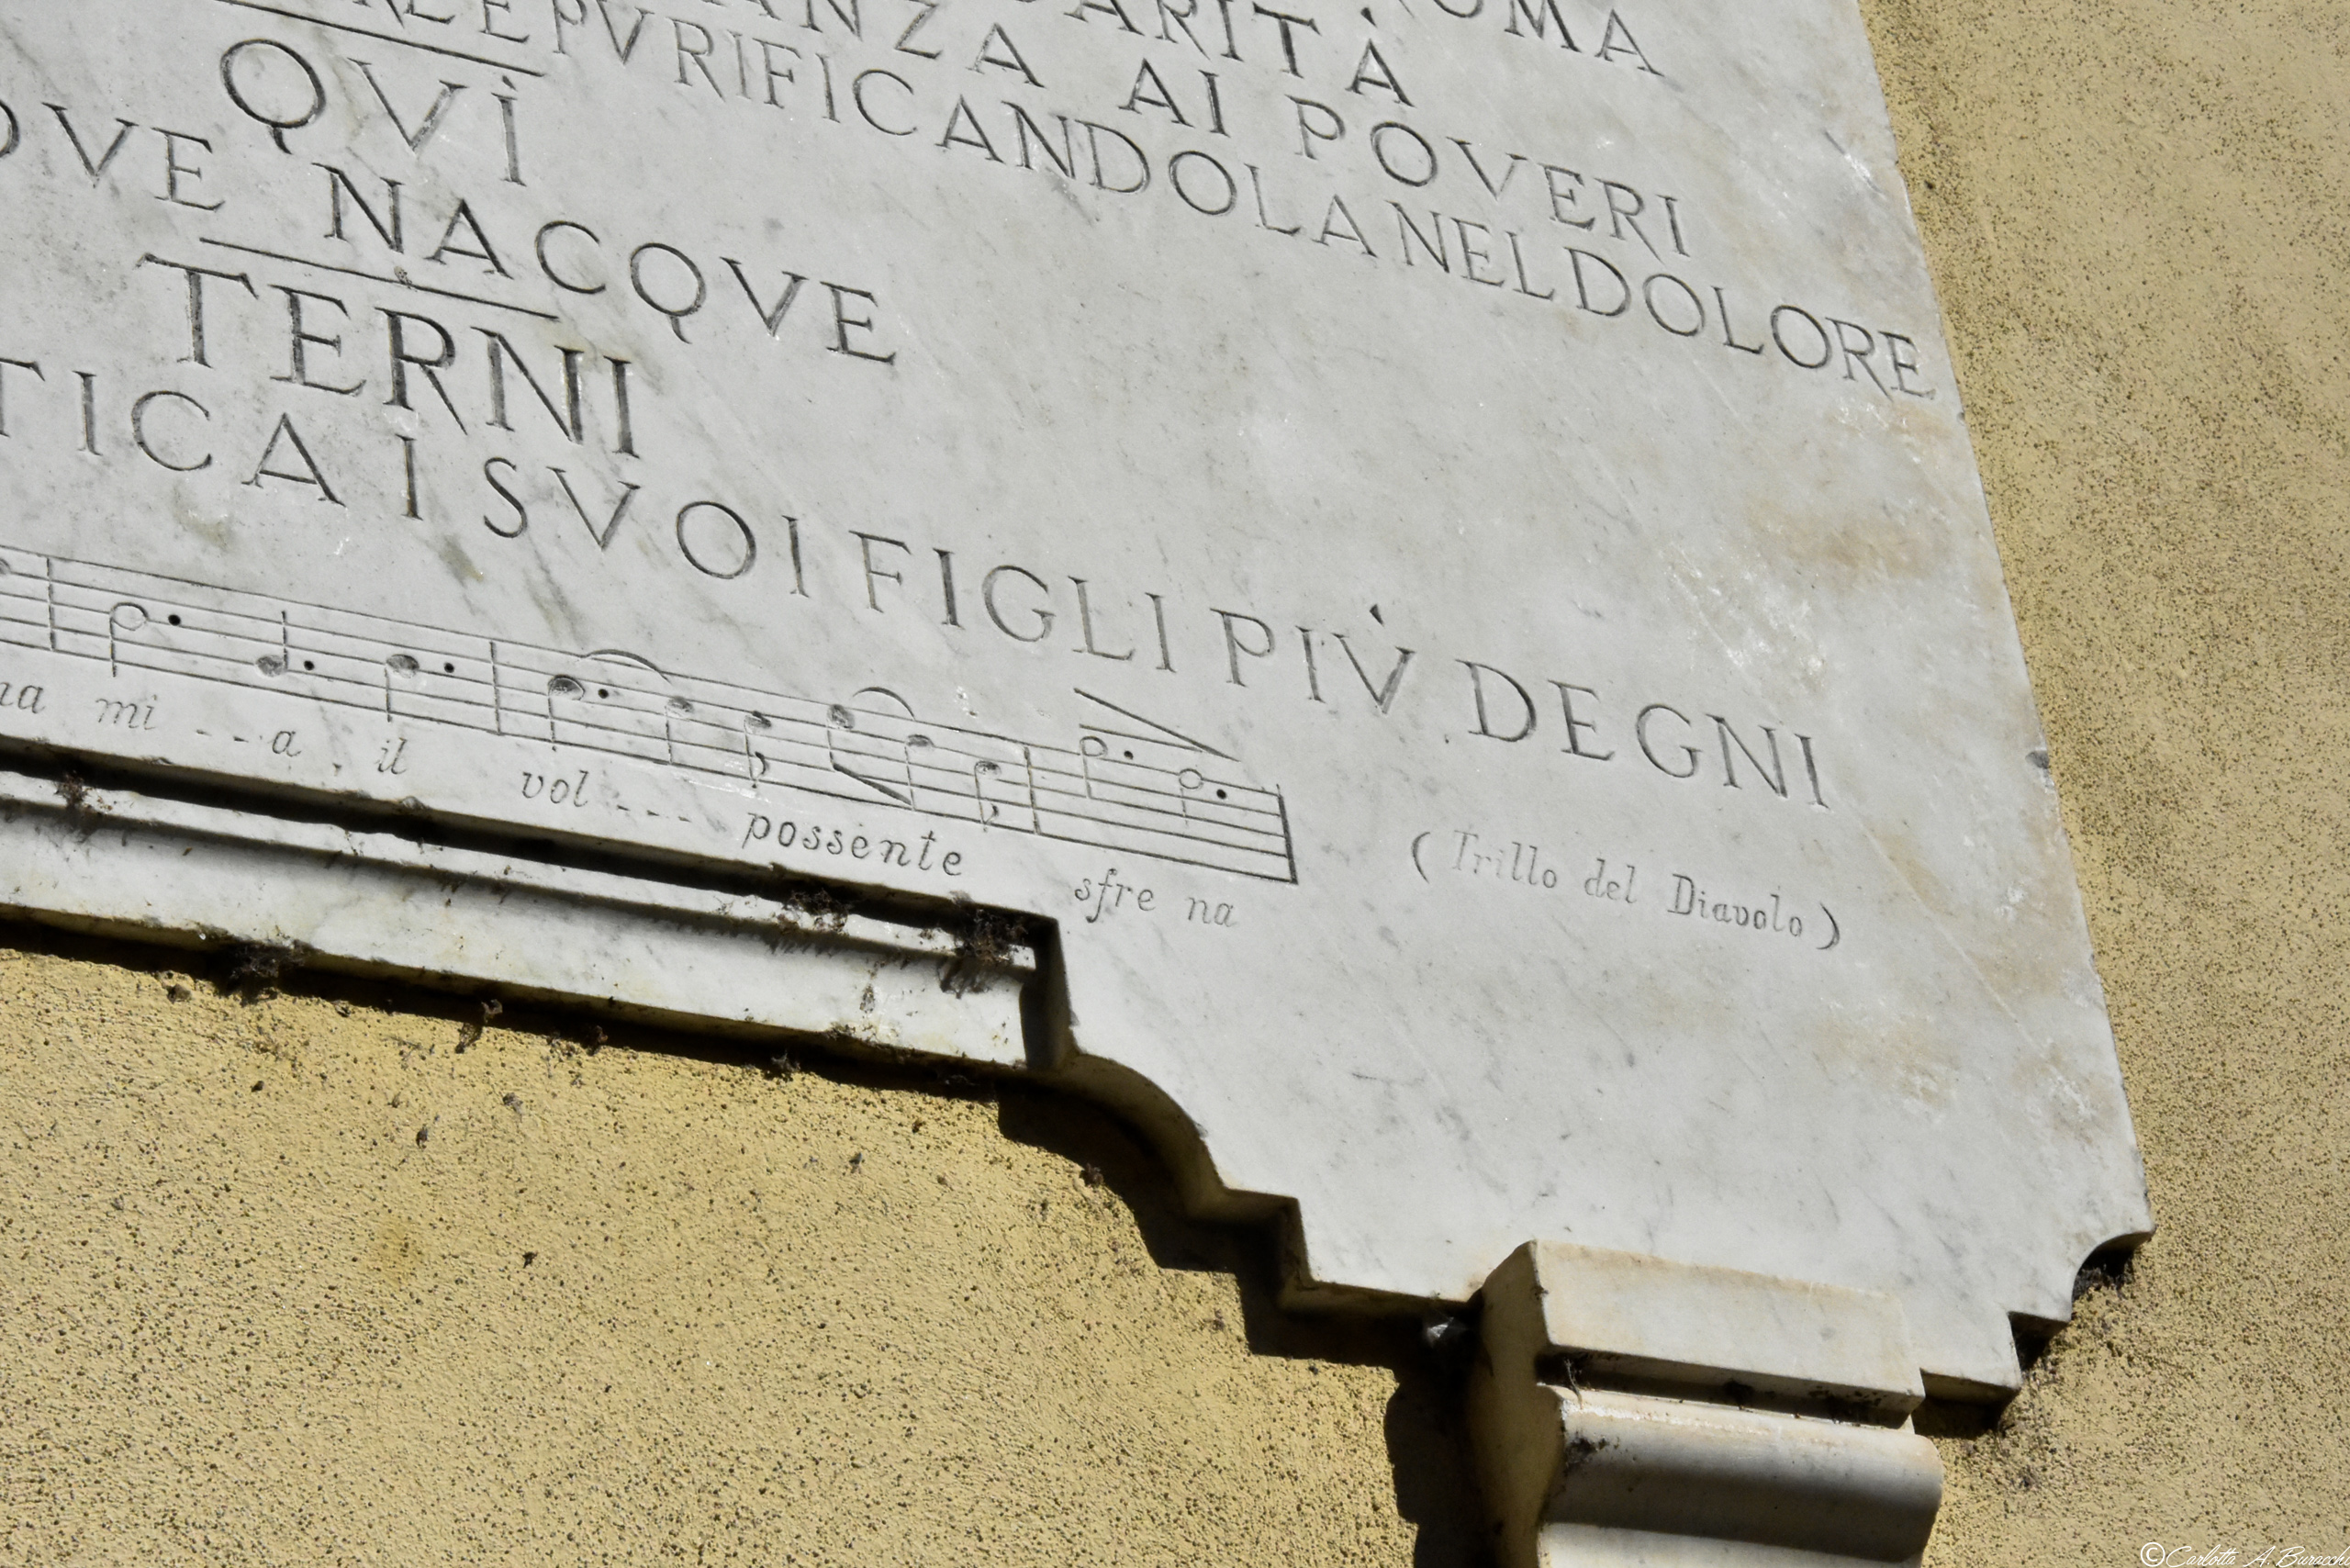 La targa a Stanislao Falchi, compositore e musicista ternano nell'omonimo Largo Stanislao Falchi a Terni